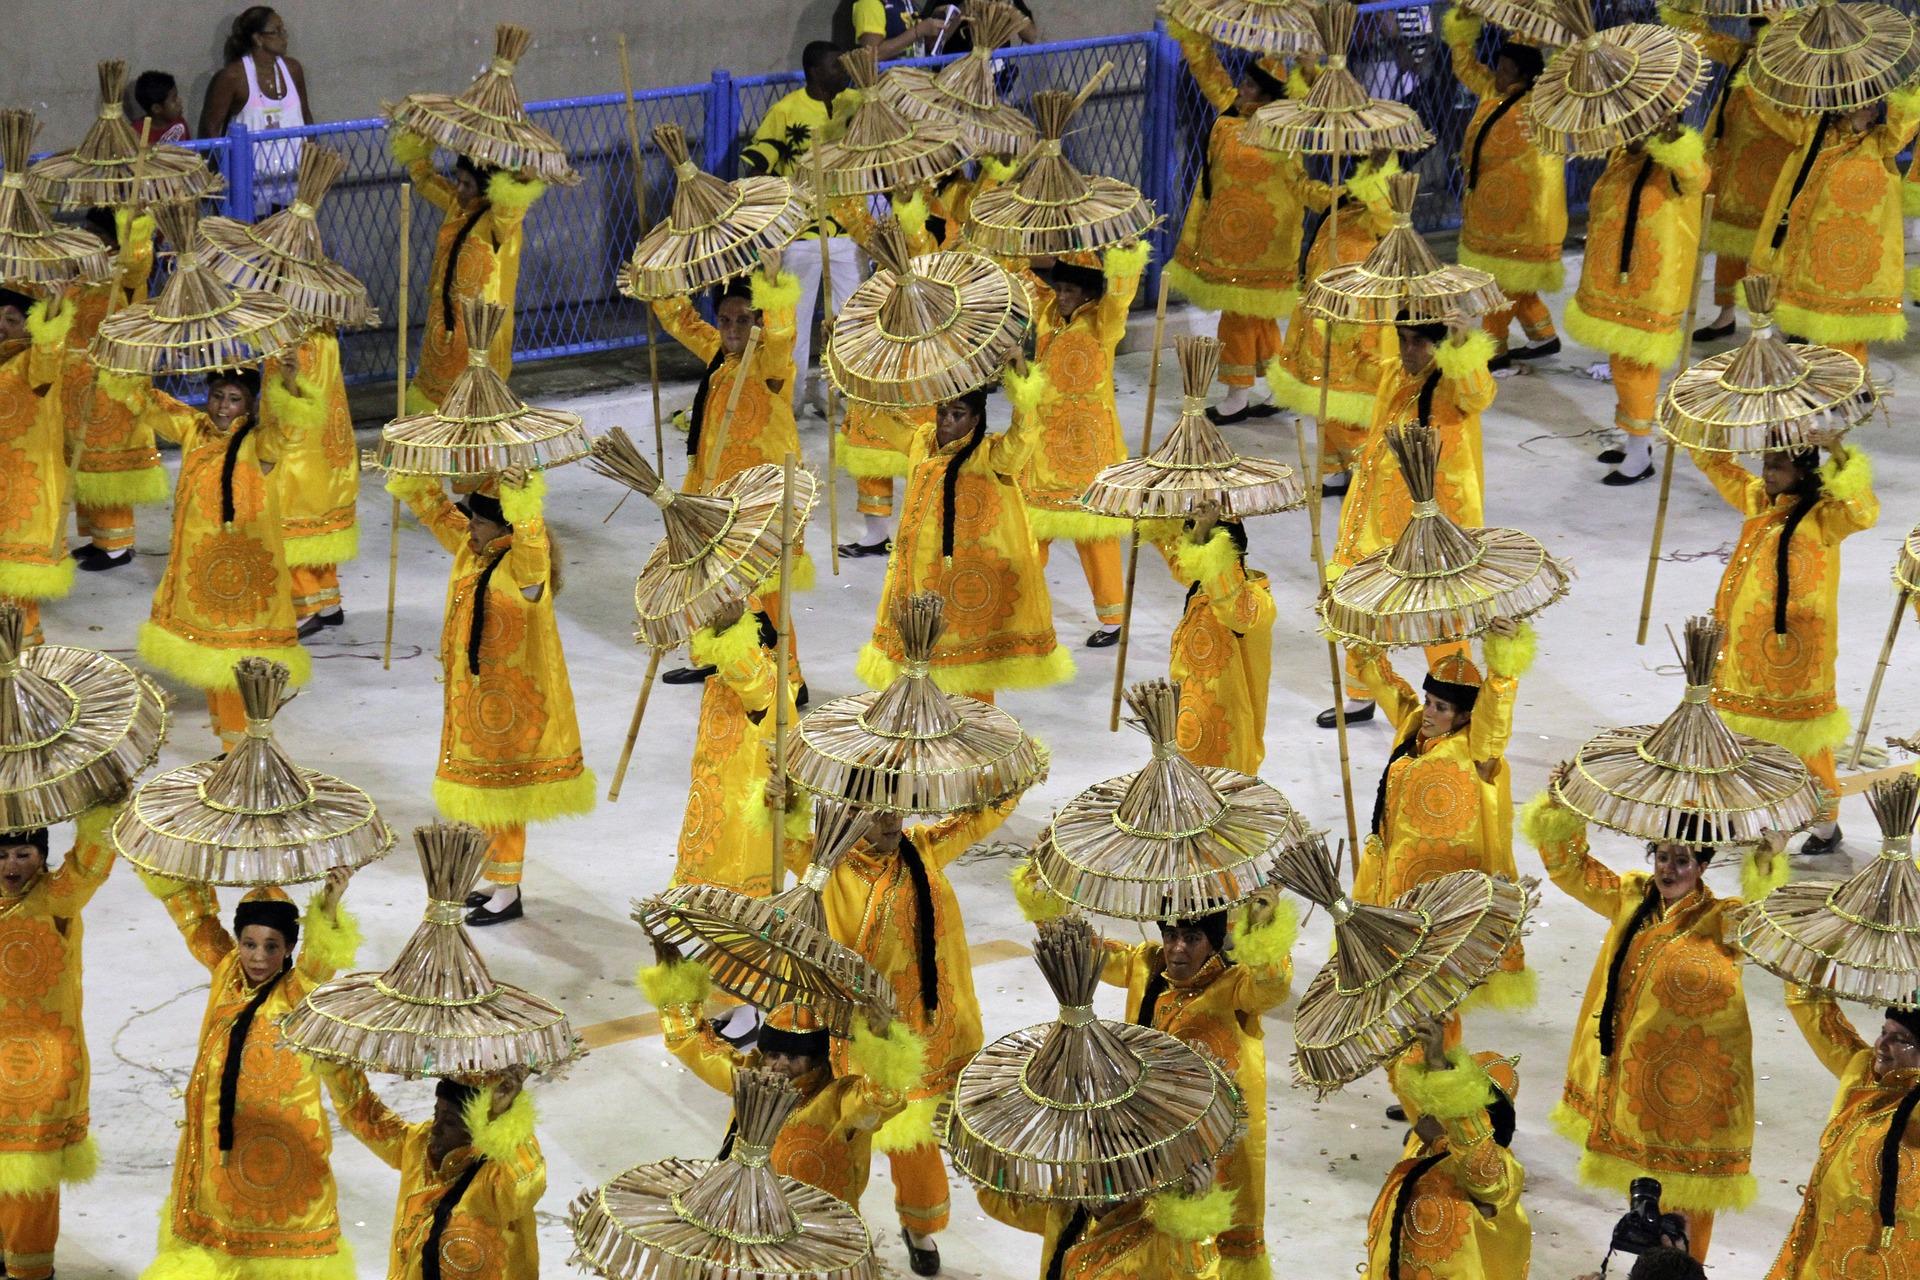 rio-carnival-1084648_1920